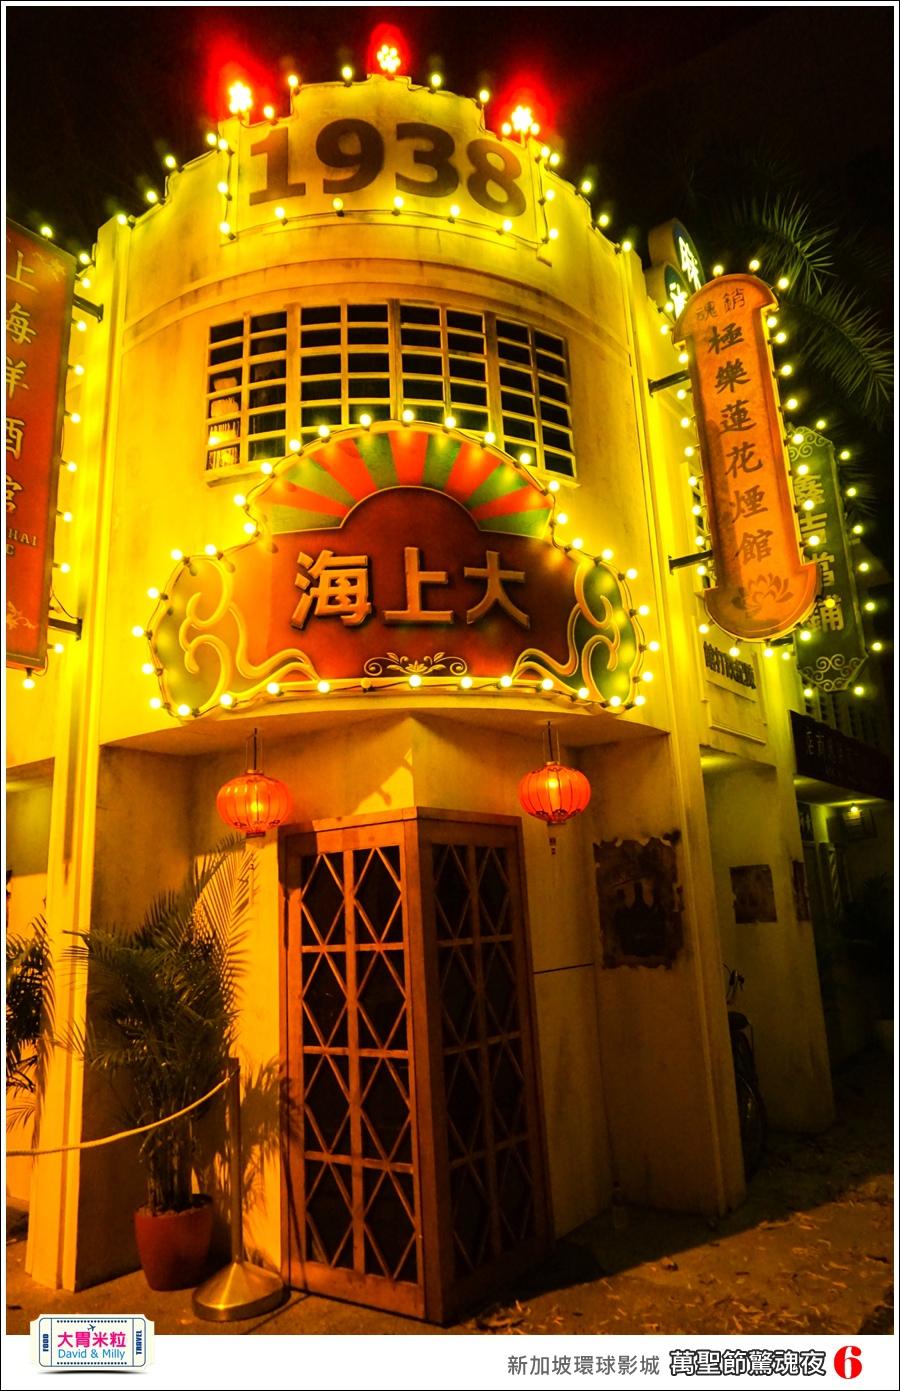 新加坡環球影城萬聖節驚魂夜6@大胃米粒025.jpg